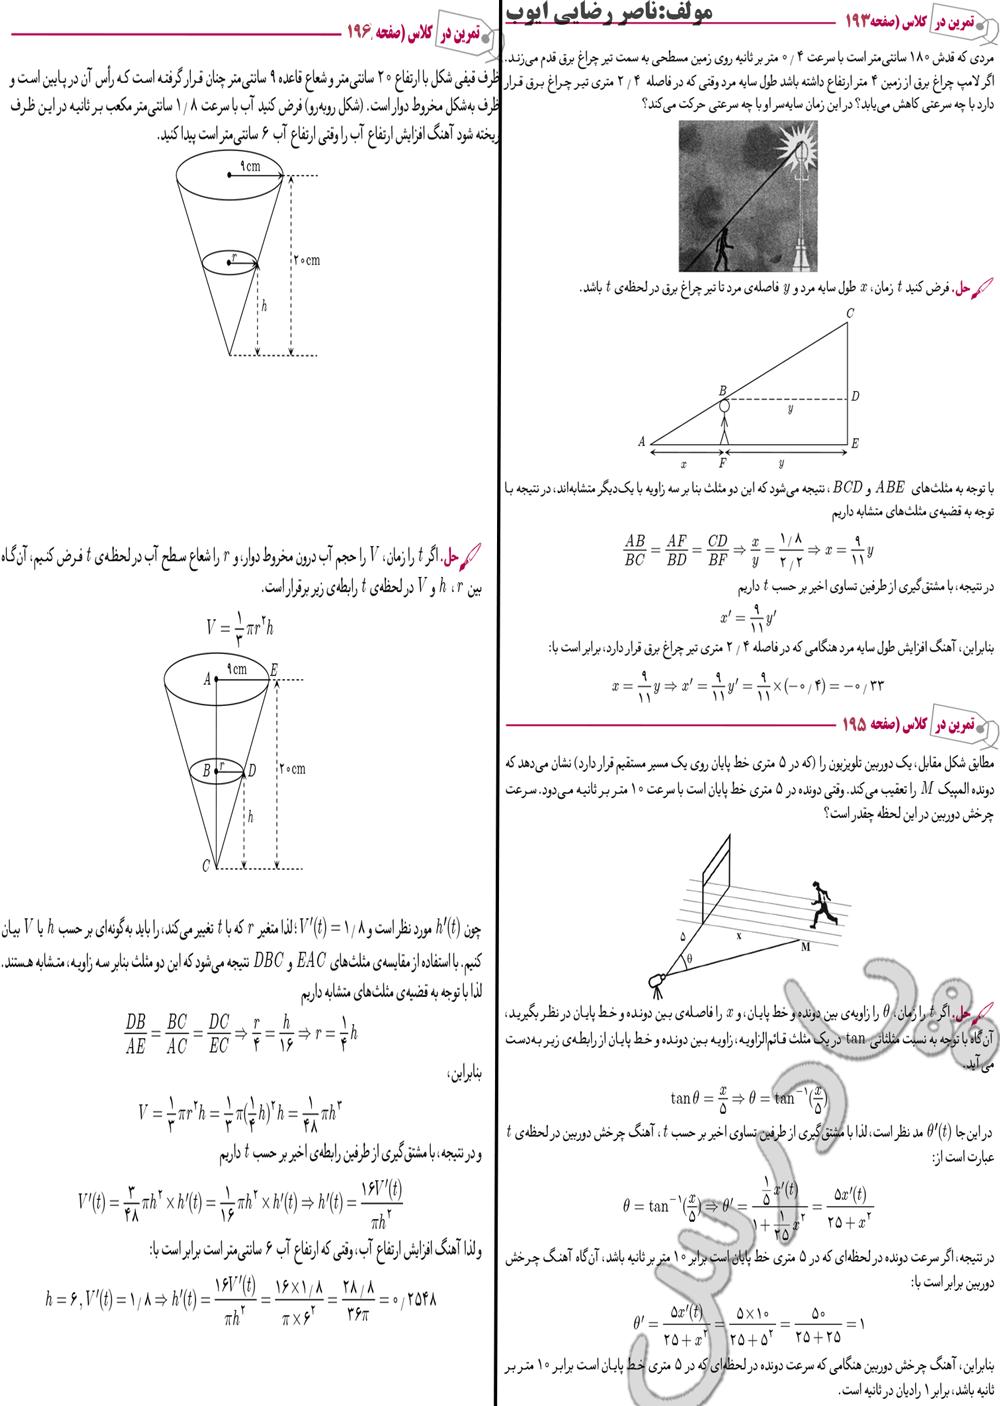 حل تمرین در کلاس صفحه 194 تا 196 دیفرانسیل پیش دانشگاهی